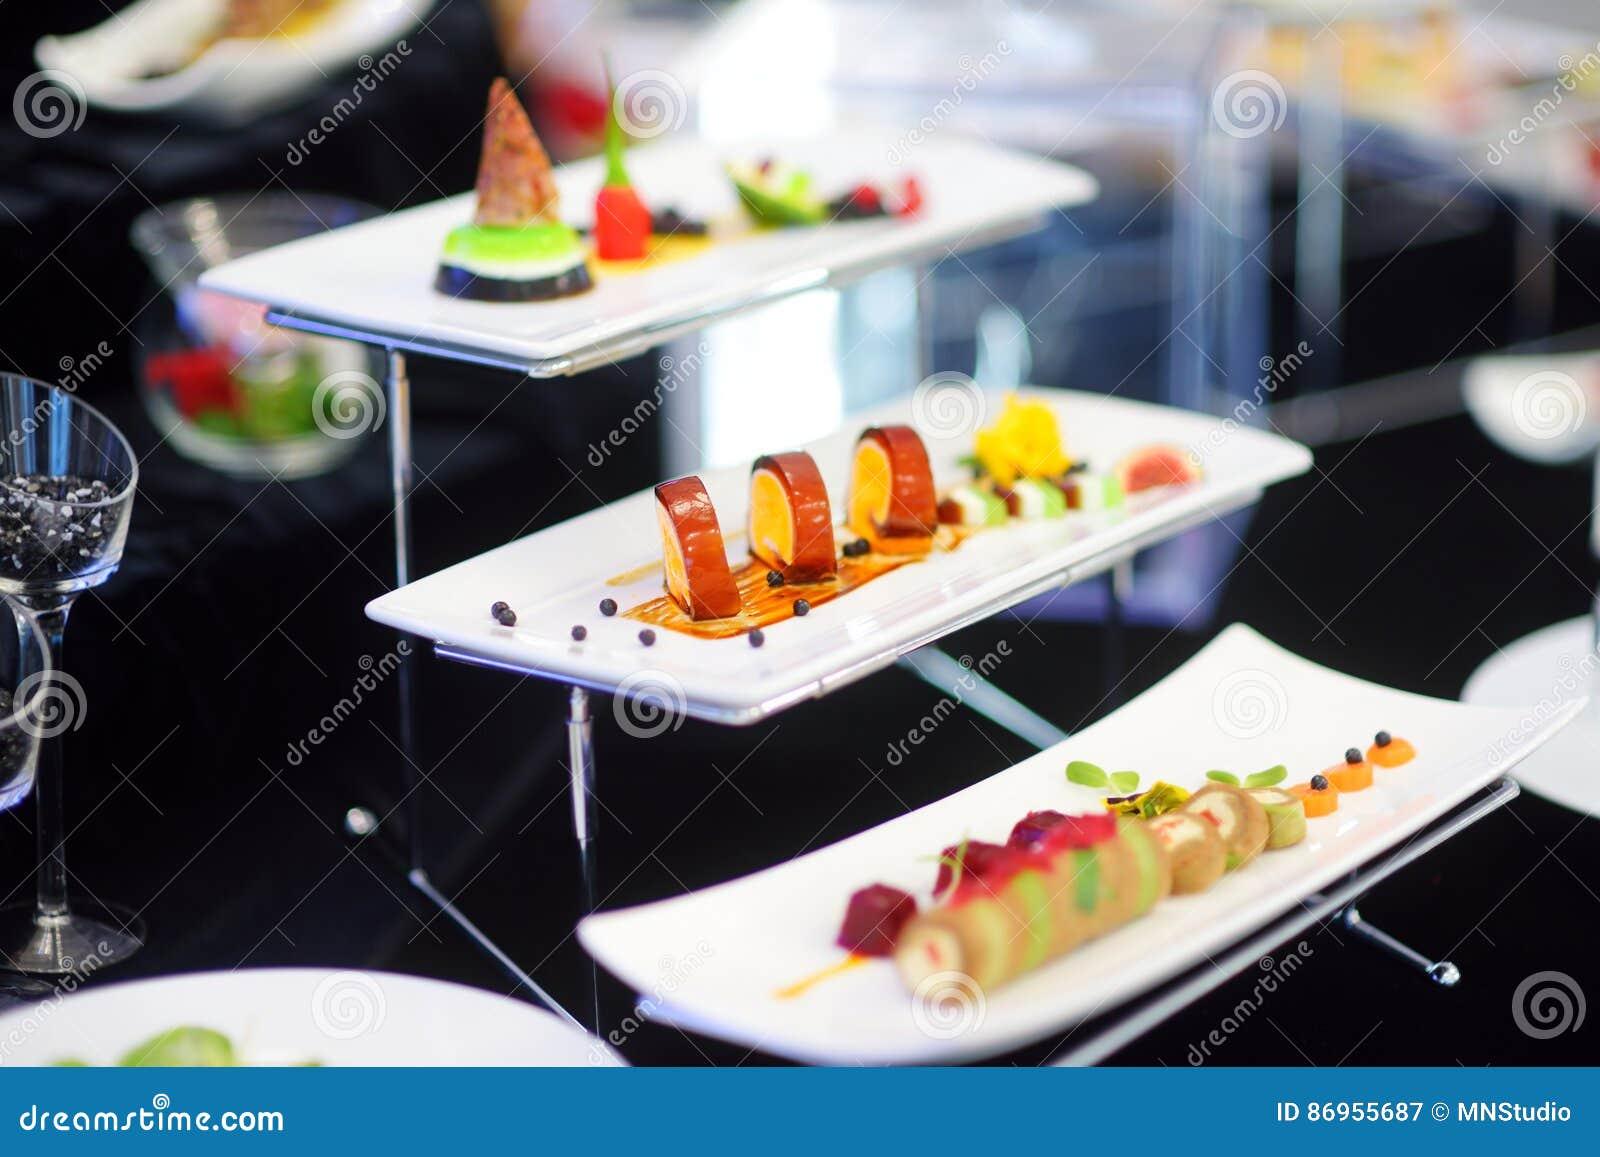 Hermoso platos de cocina moderna im genes hablemos de la for Platos de cocina